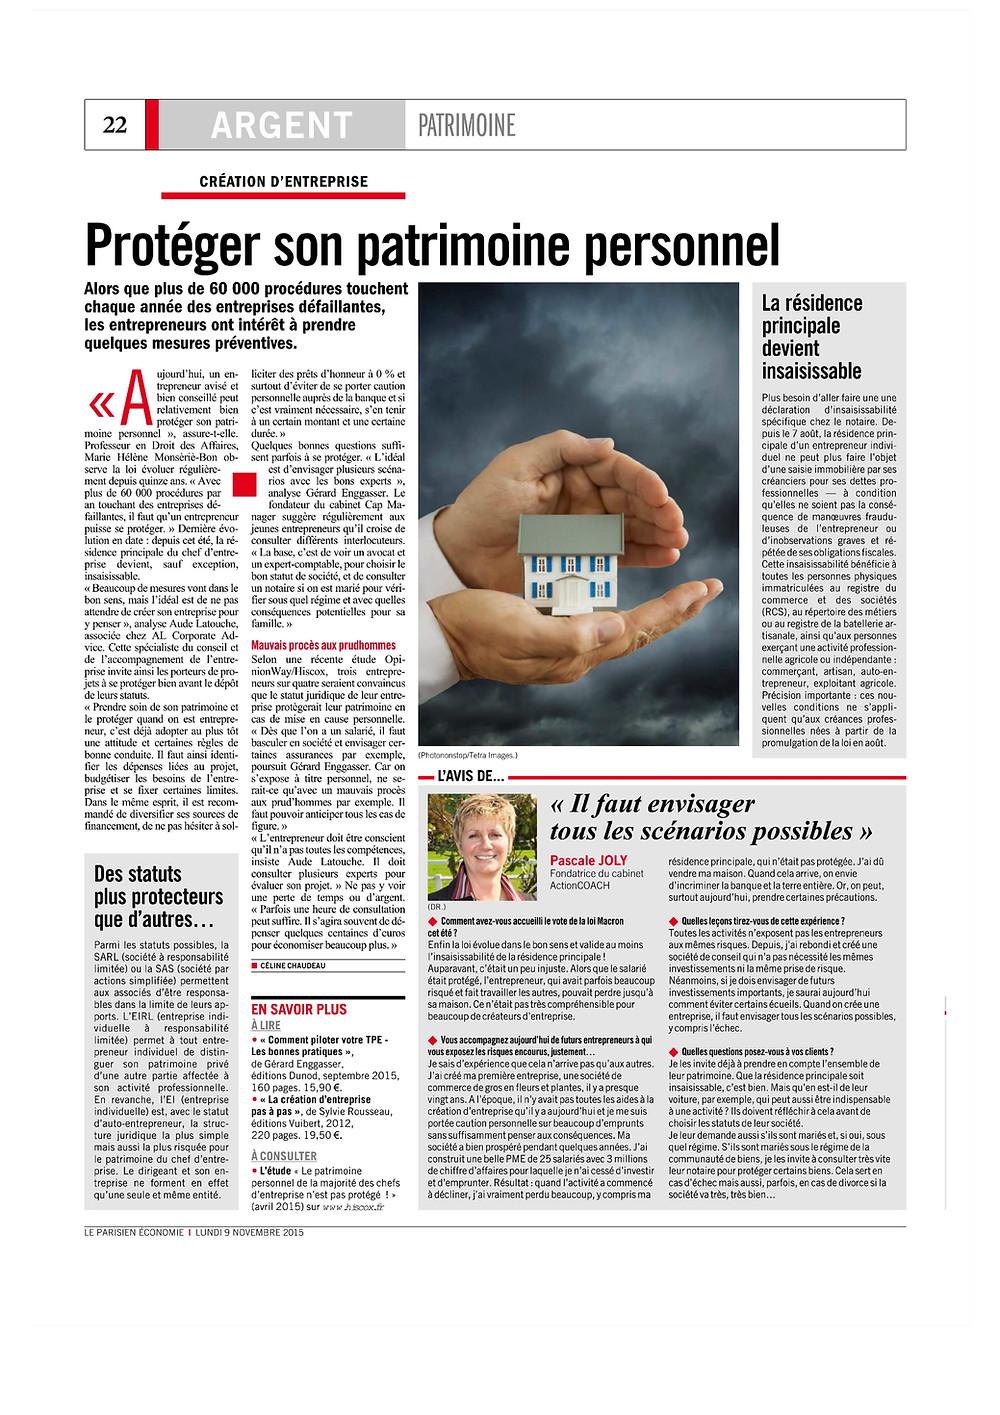 Le Parisien Economie- Dossier Argent/Patrimoine - Novembre 2015